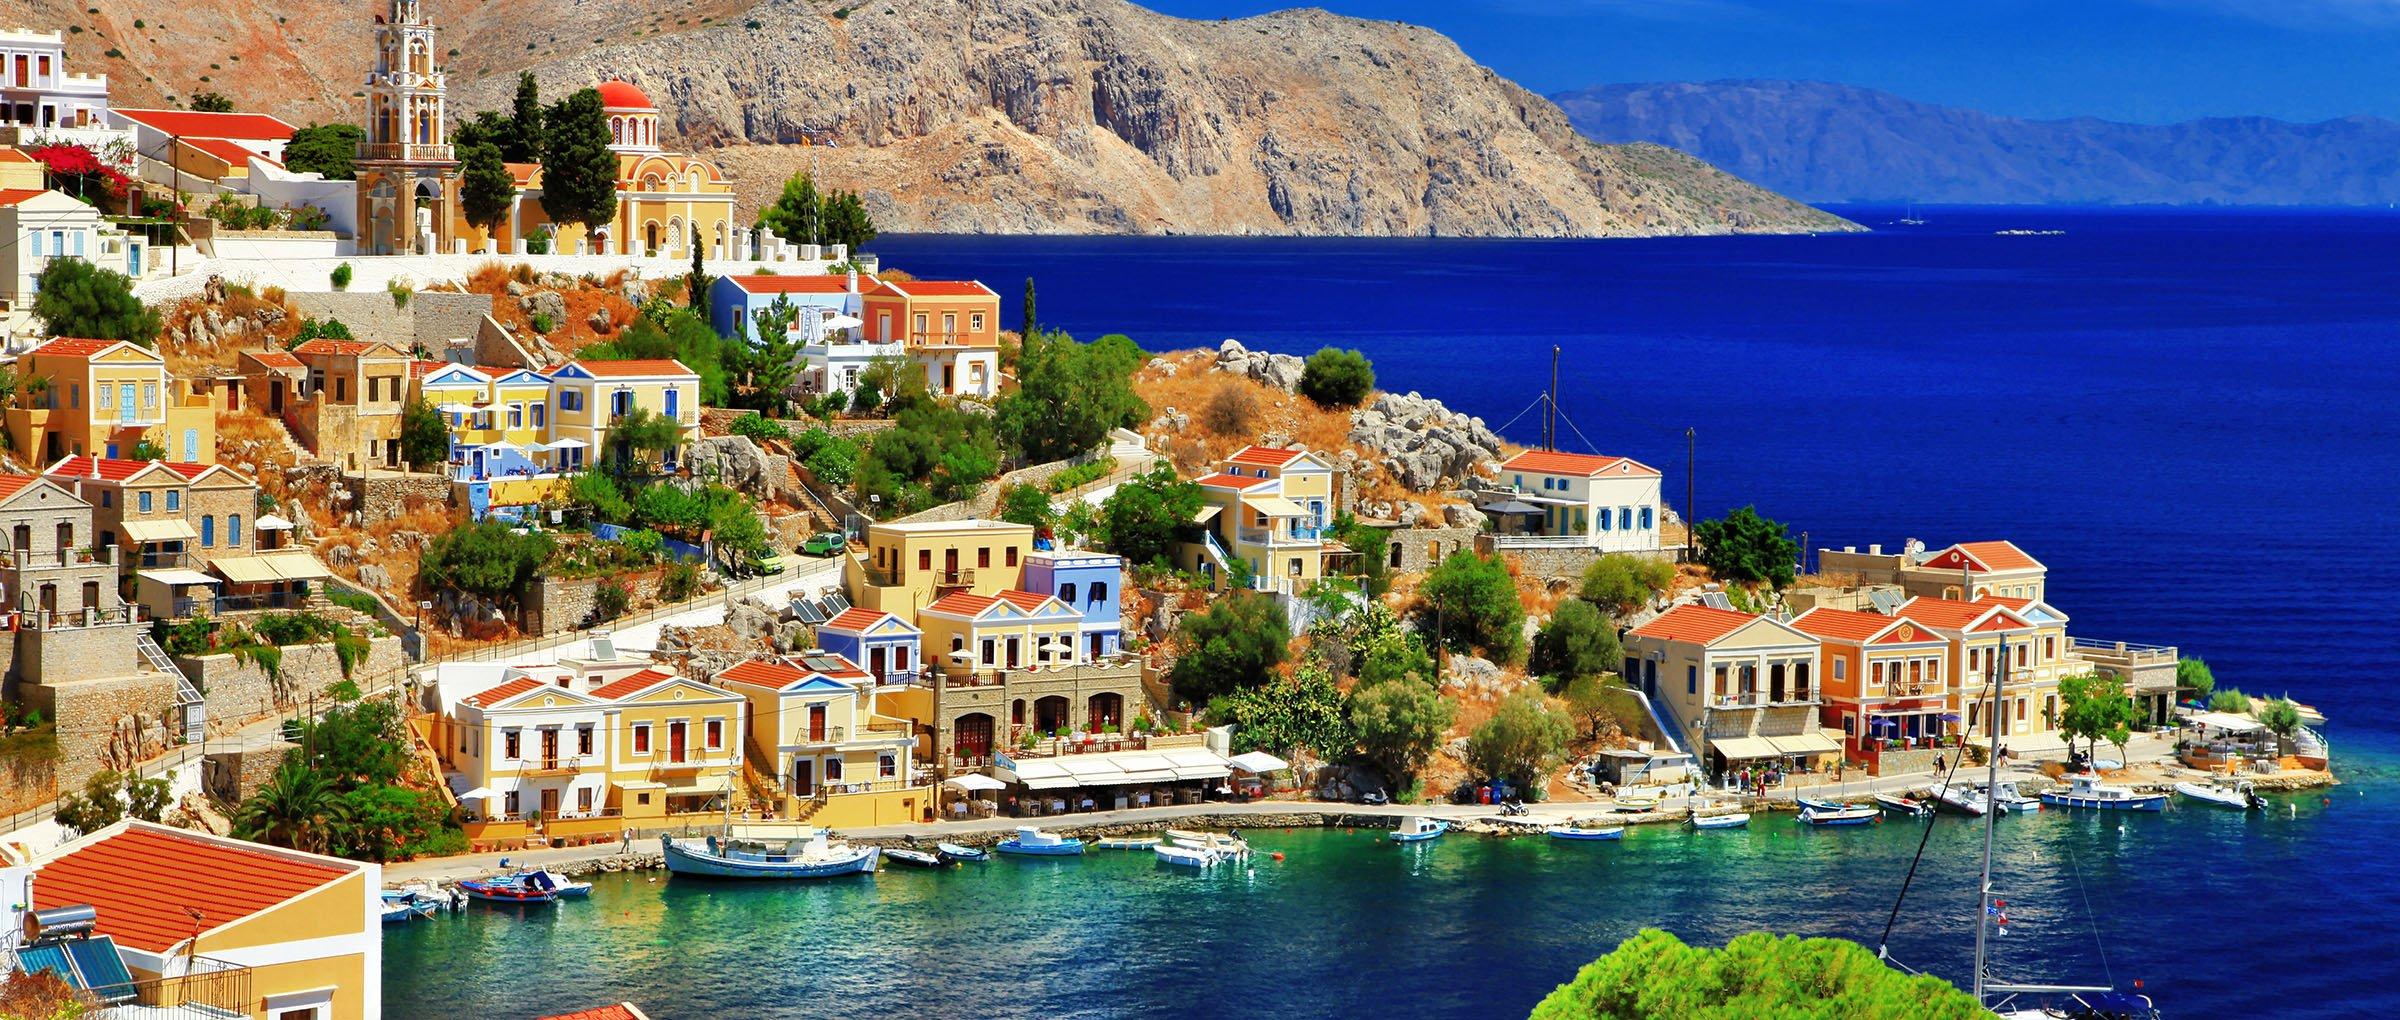 Turismo reproductivo en Grecia